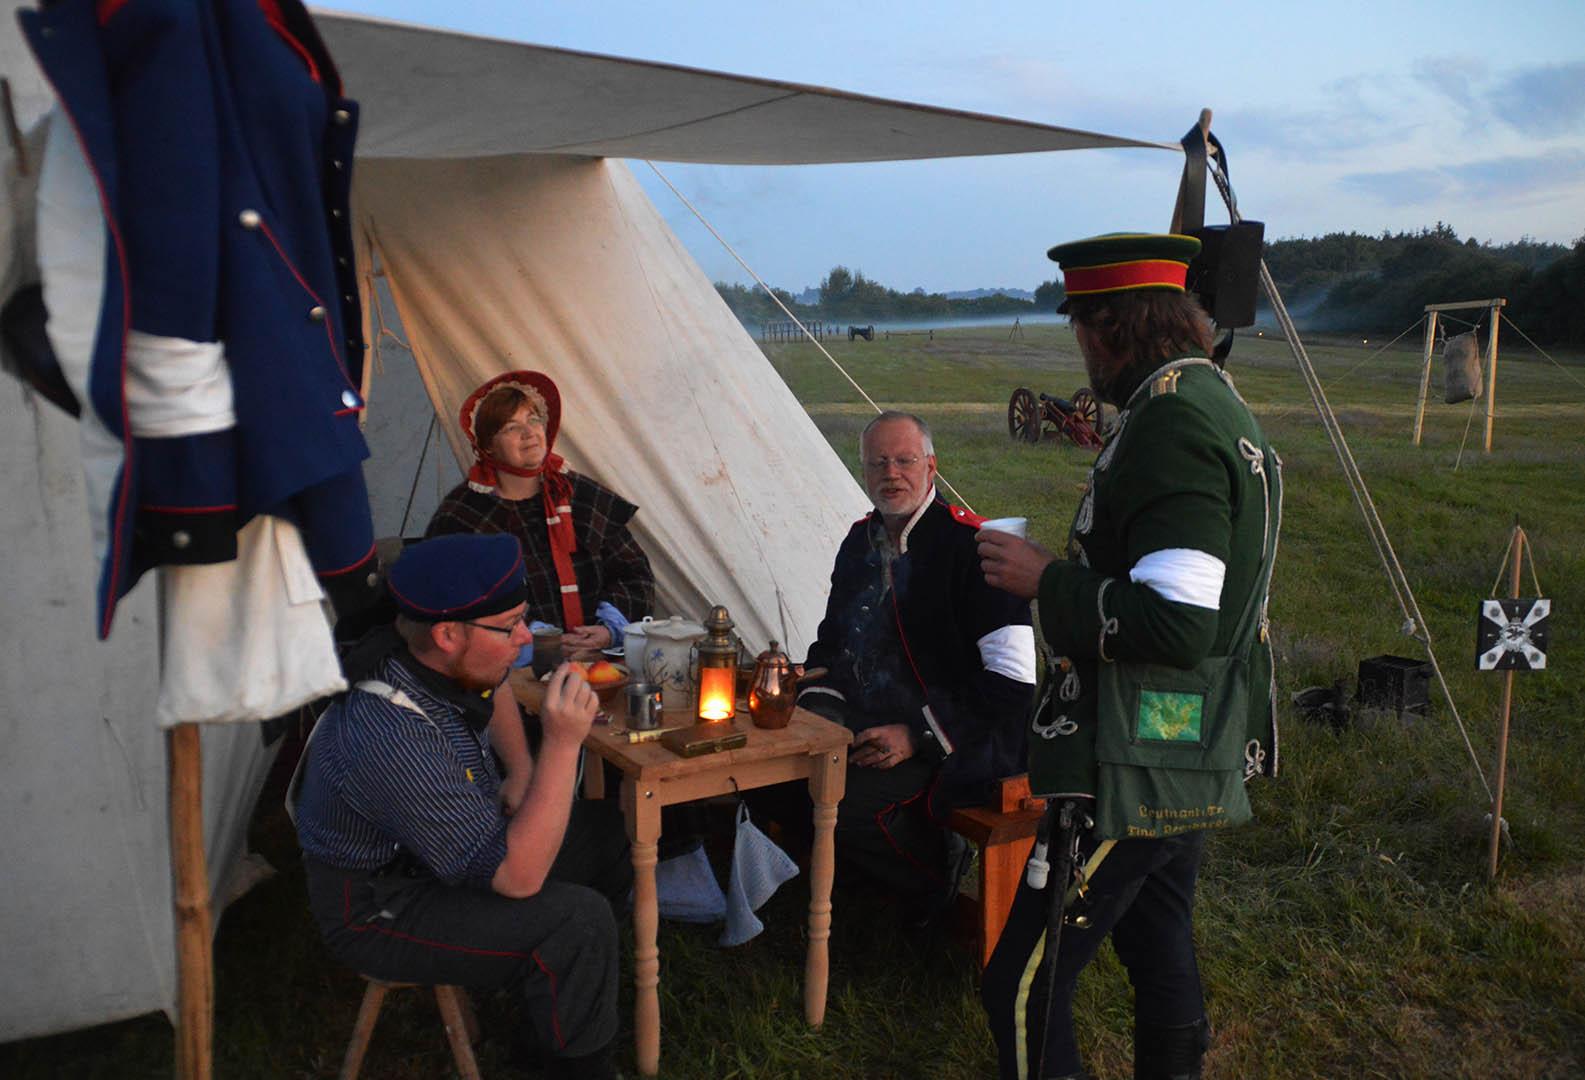 Meet Dybbøl Banke's friendly foes, dressed up in historic Danish and German soldiers' uniforms, historical re-enactors showcase their skills